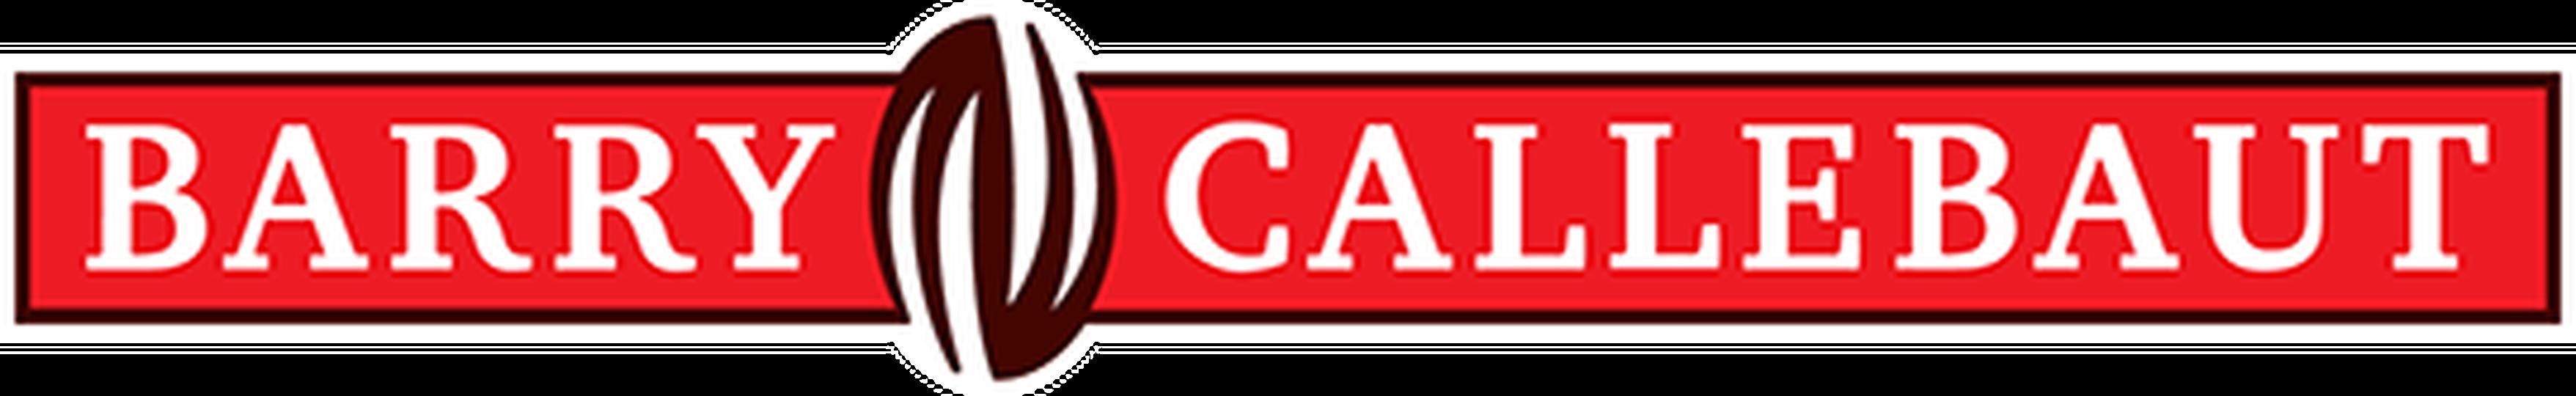 companies vtk career and development flag logo design flag logo usa